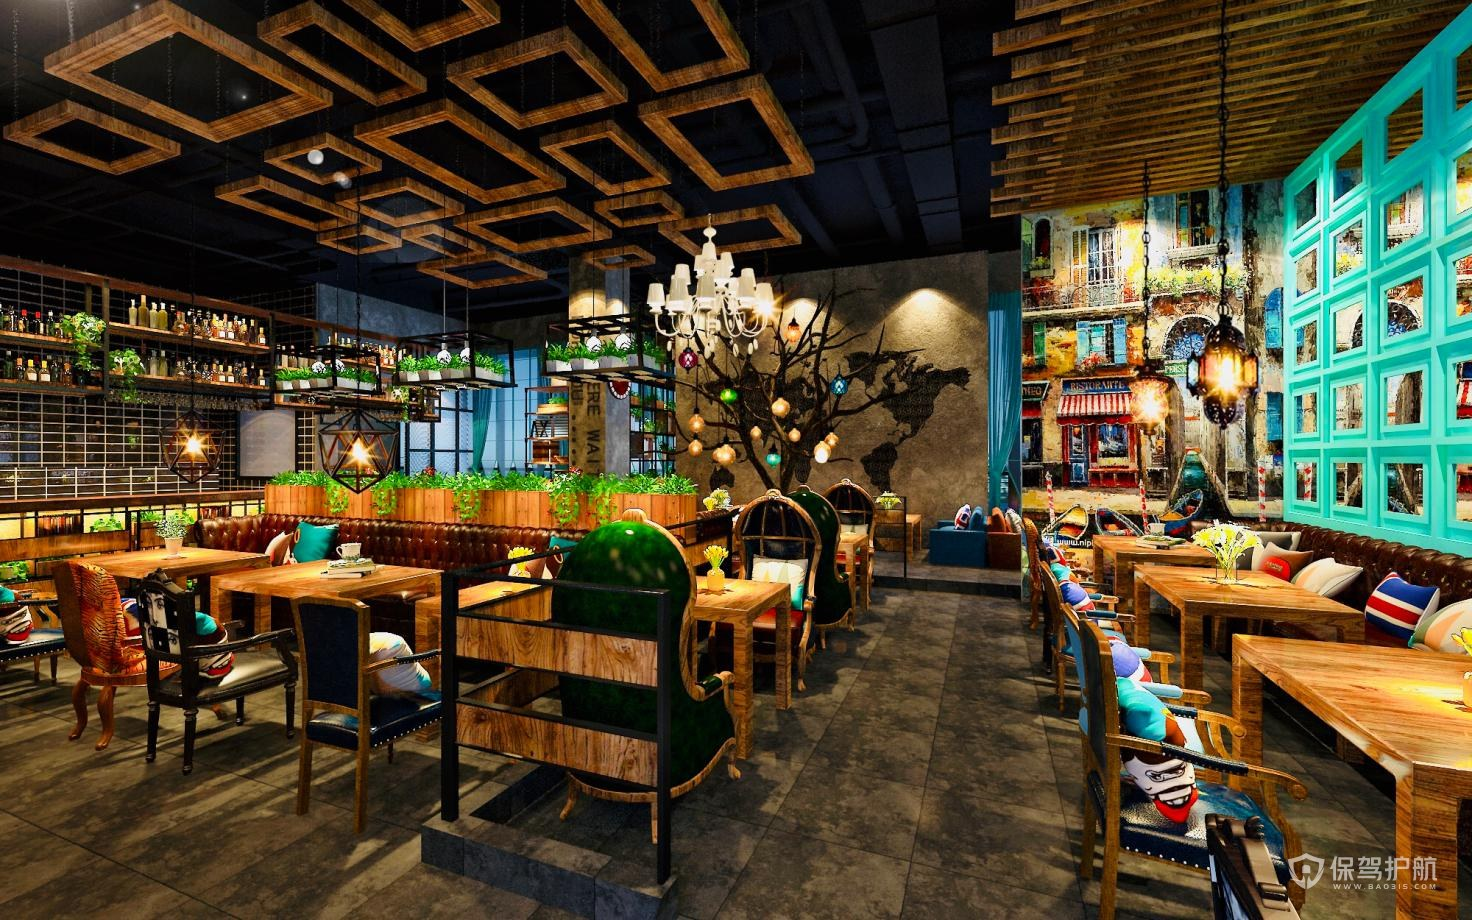 美式田园开放式咖啡厅装修图